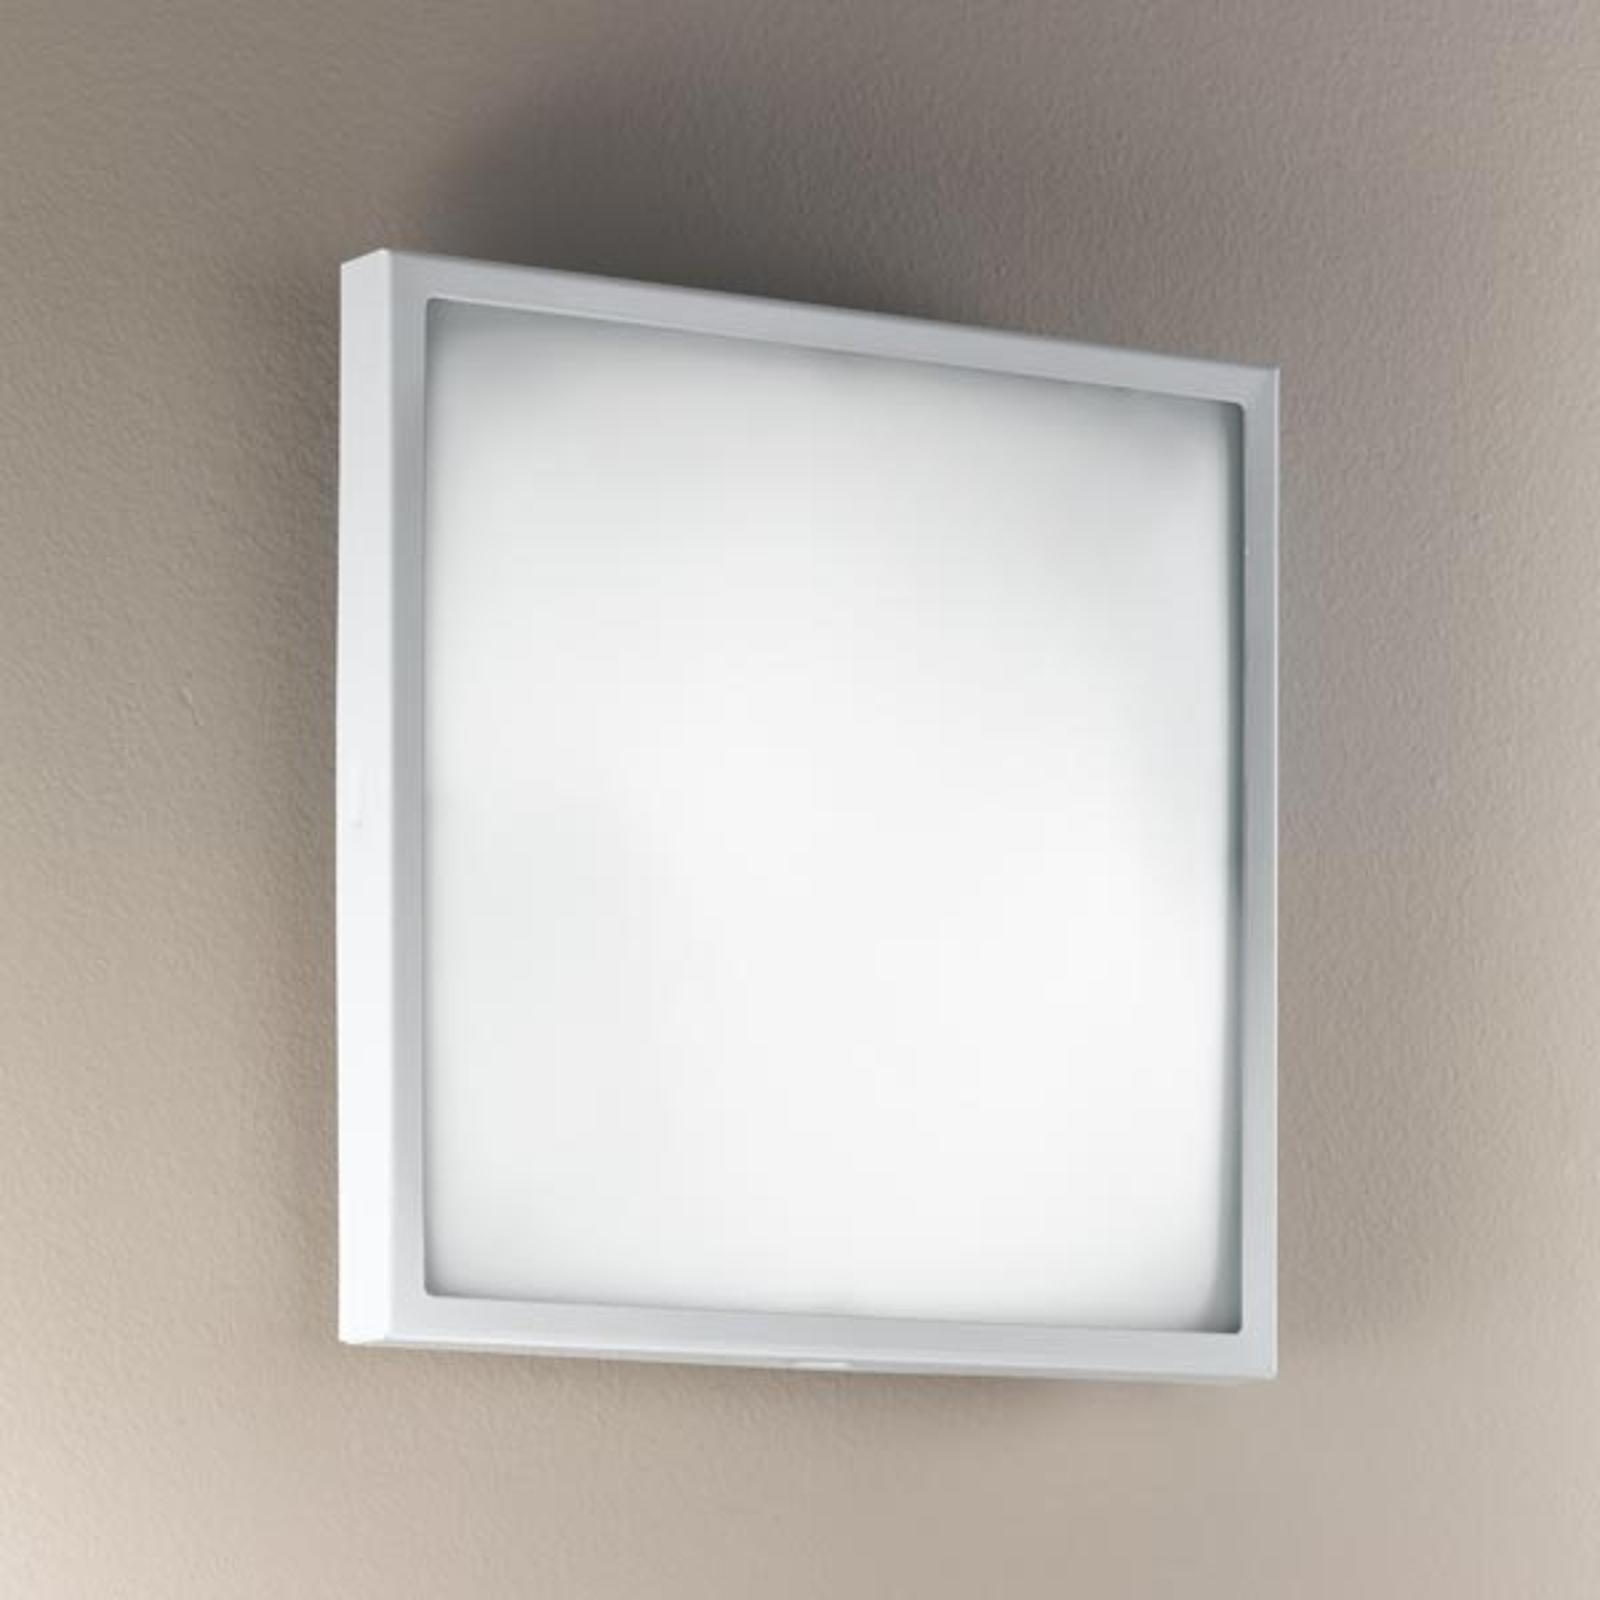 Vägg- och plafondlampa OSAKA i glas, 30 vit